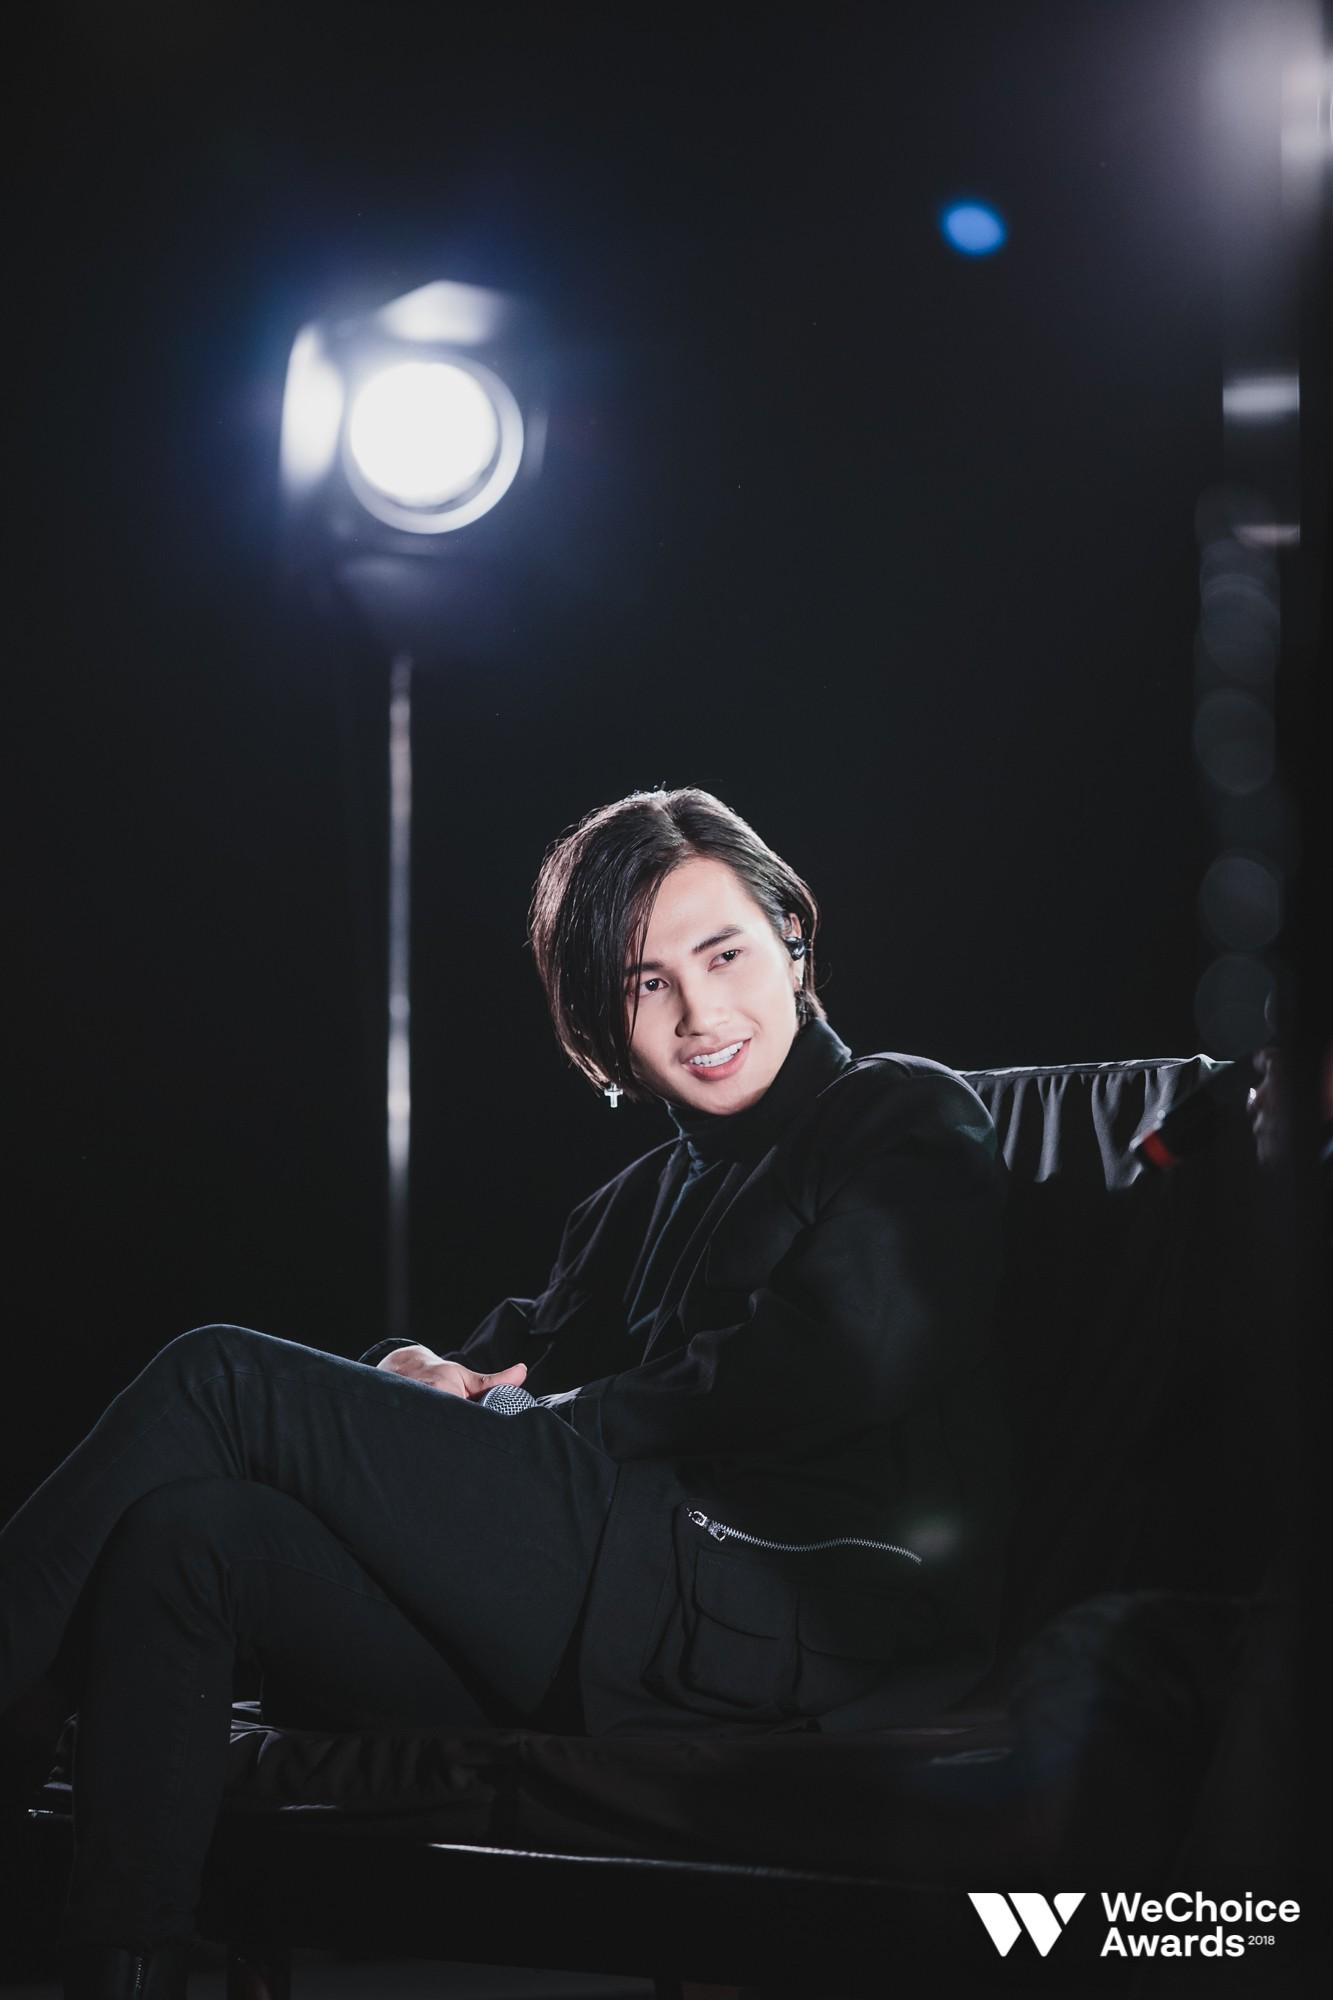 Để tóc thế này, Trọng Tài Hongkong1 đẹp trai xuất sắc, khiến nhiều người liên tưởng tới Sơn Tùng - Ảnh 3.